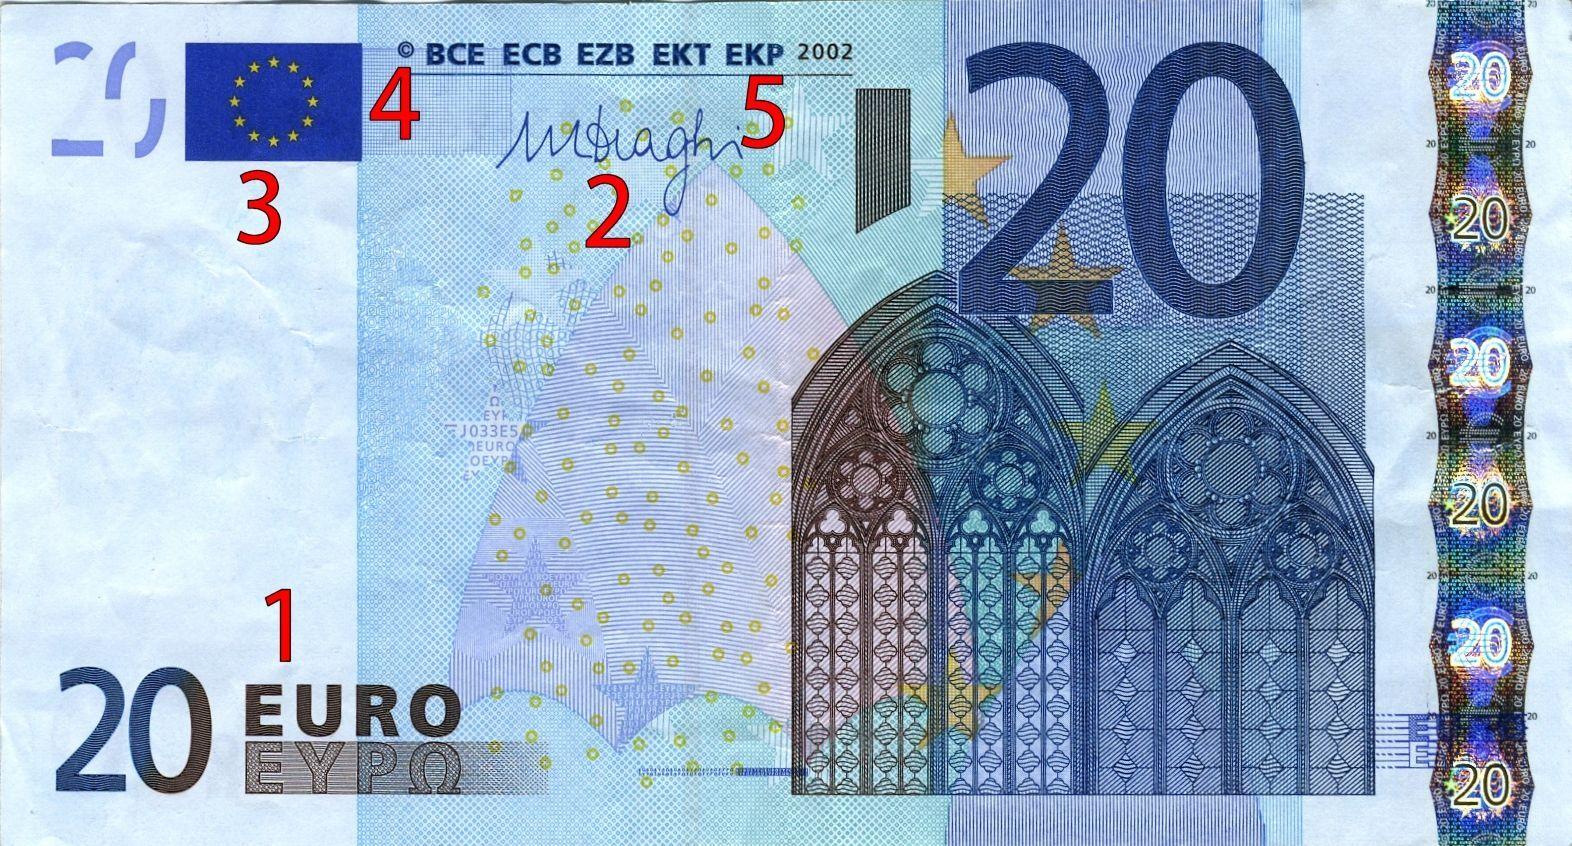 20 euro falsi già in circolazione: ecco come riconoscerli